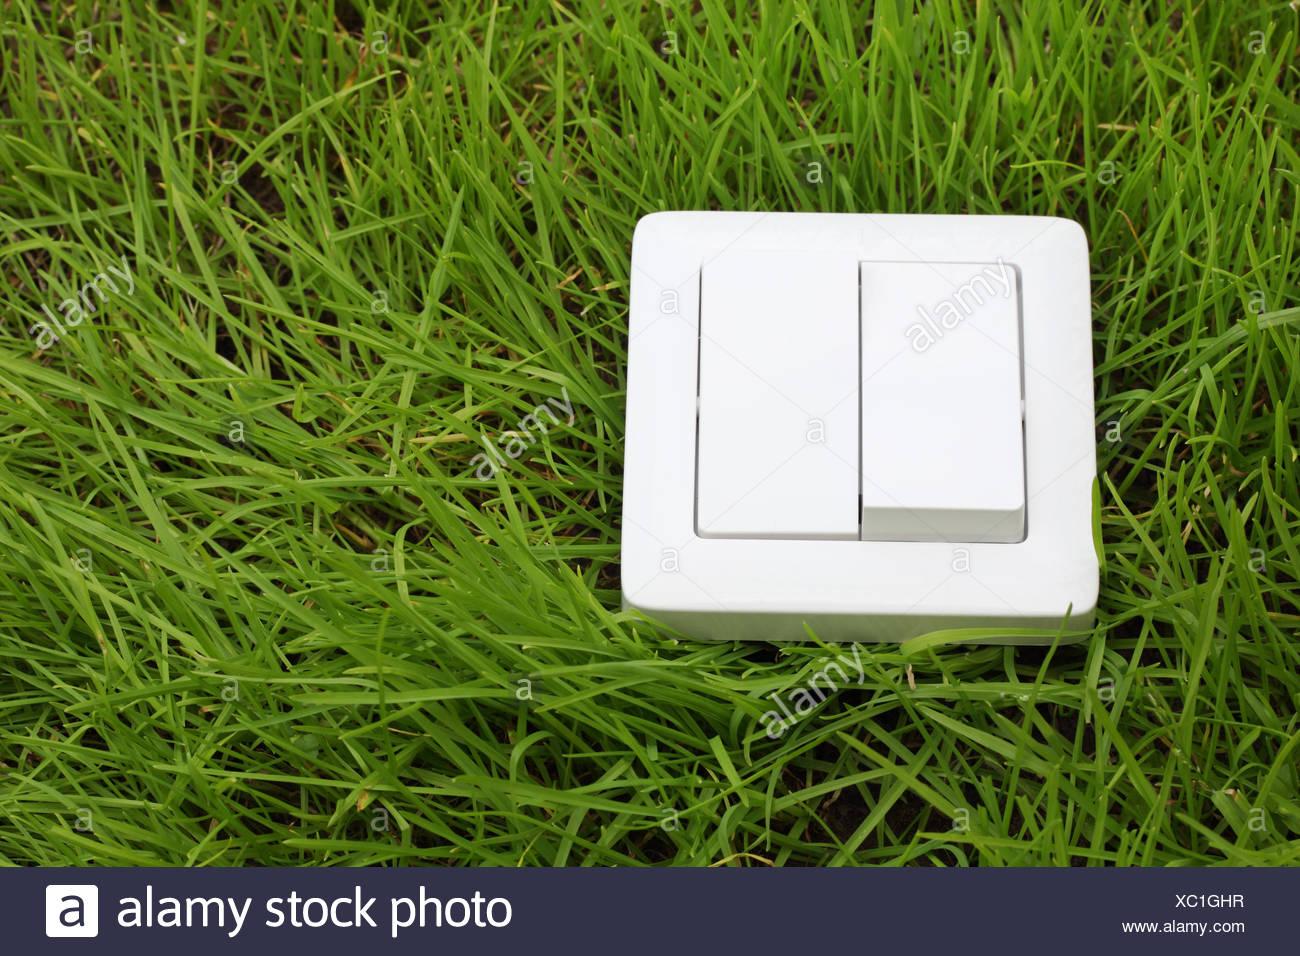 Lichtschalter auf einem grünen Rasen-Hintergrund Stockbild